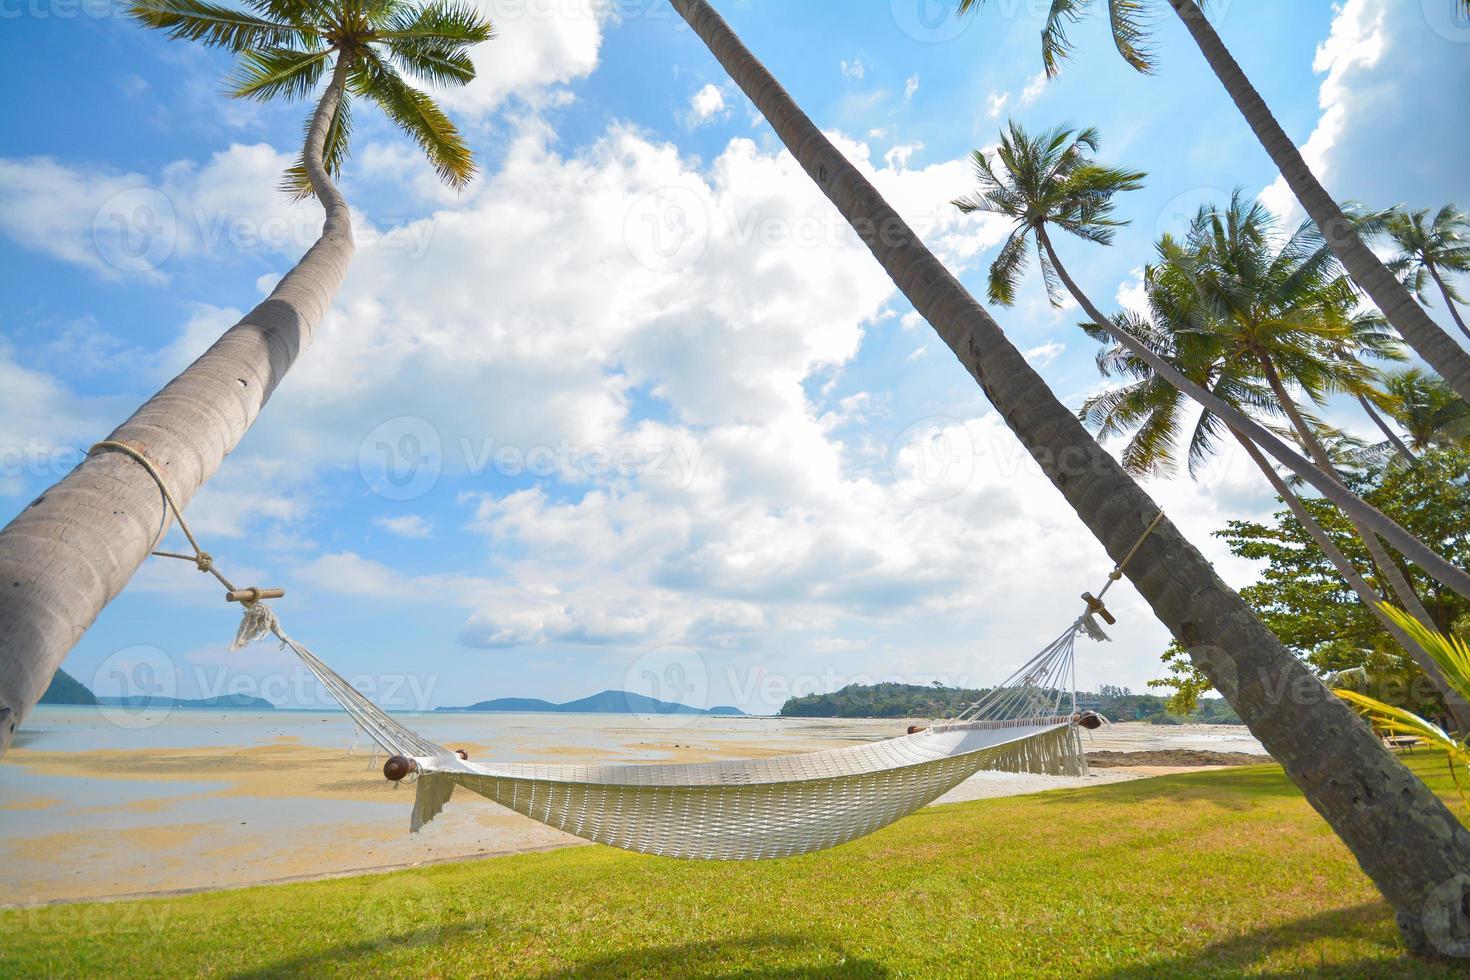 cocotier sous un ciel bleu avec hamac photo